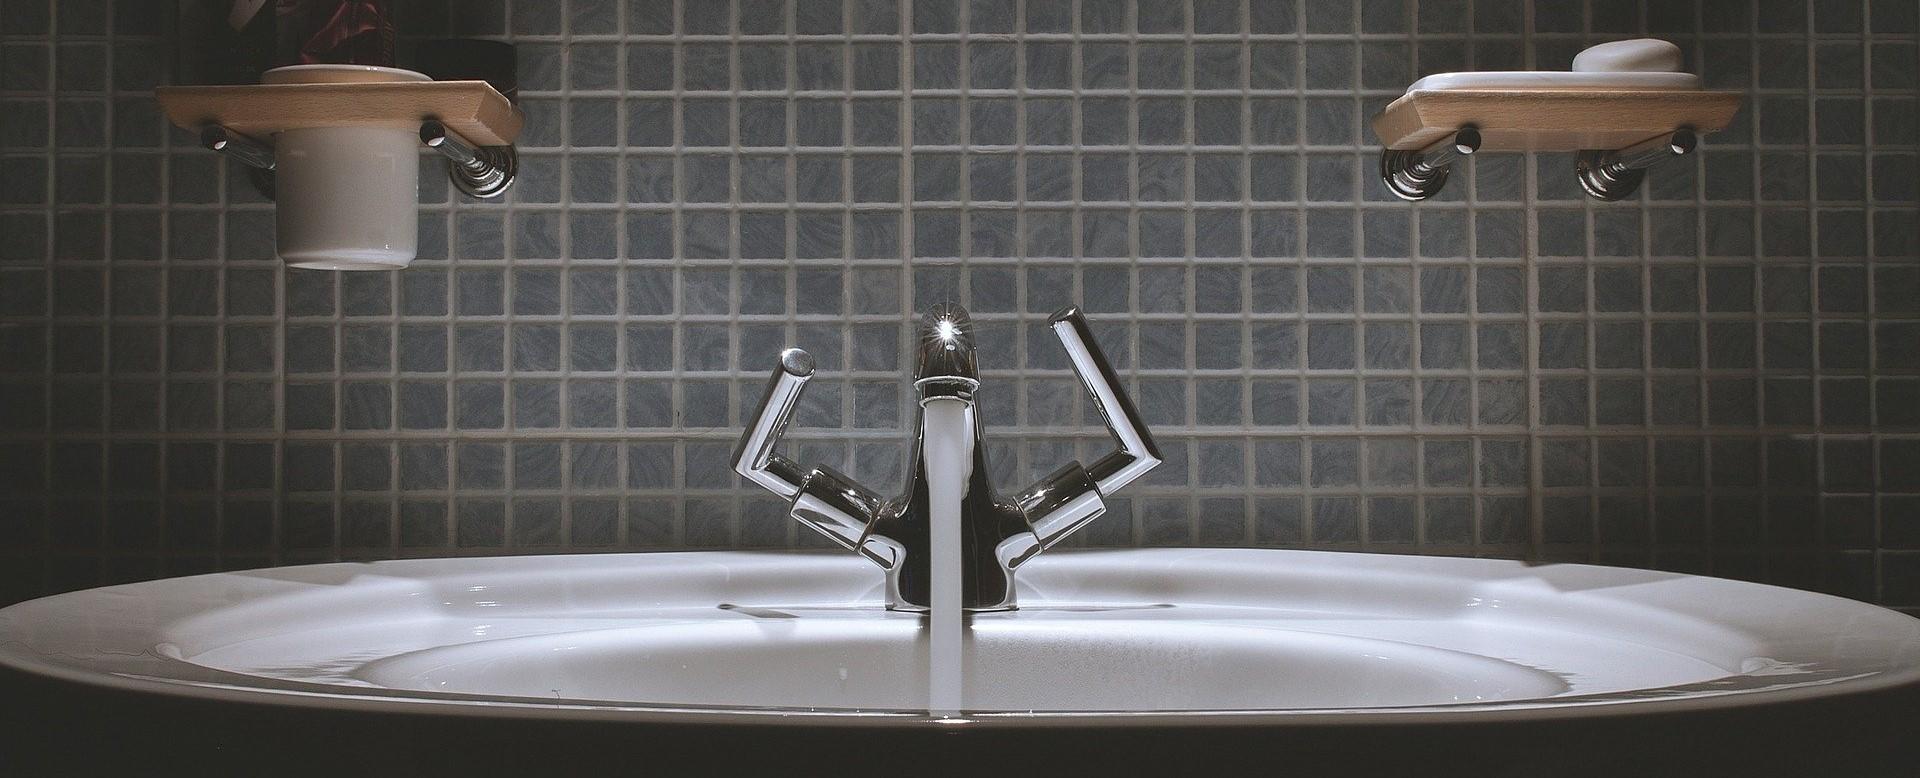 Corte de agua en Pla y Cancela     y Cuesta de la Unión